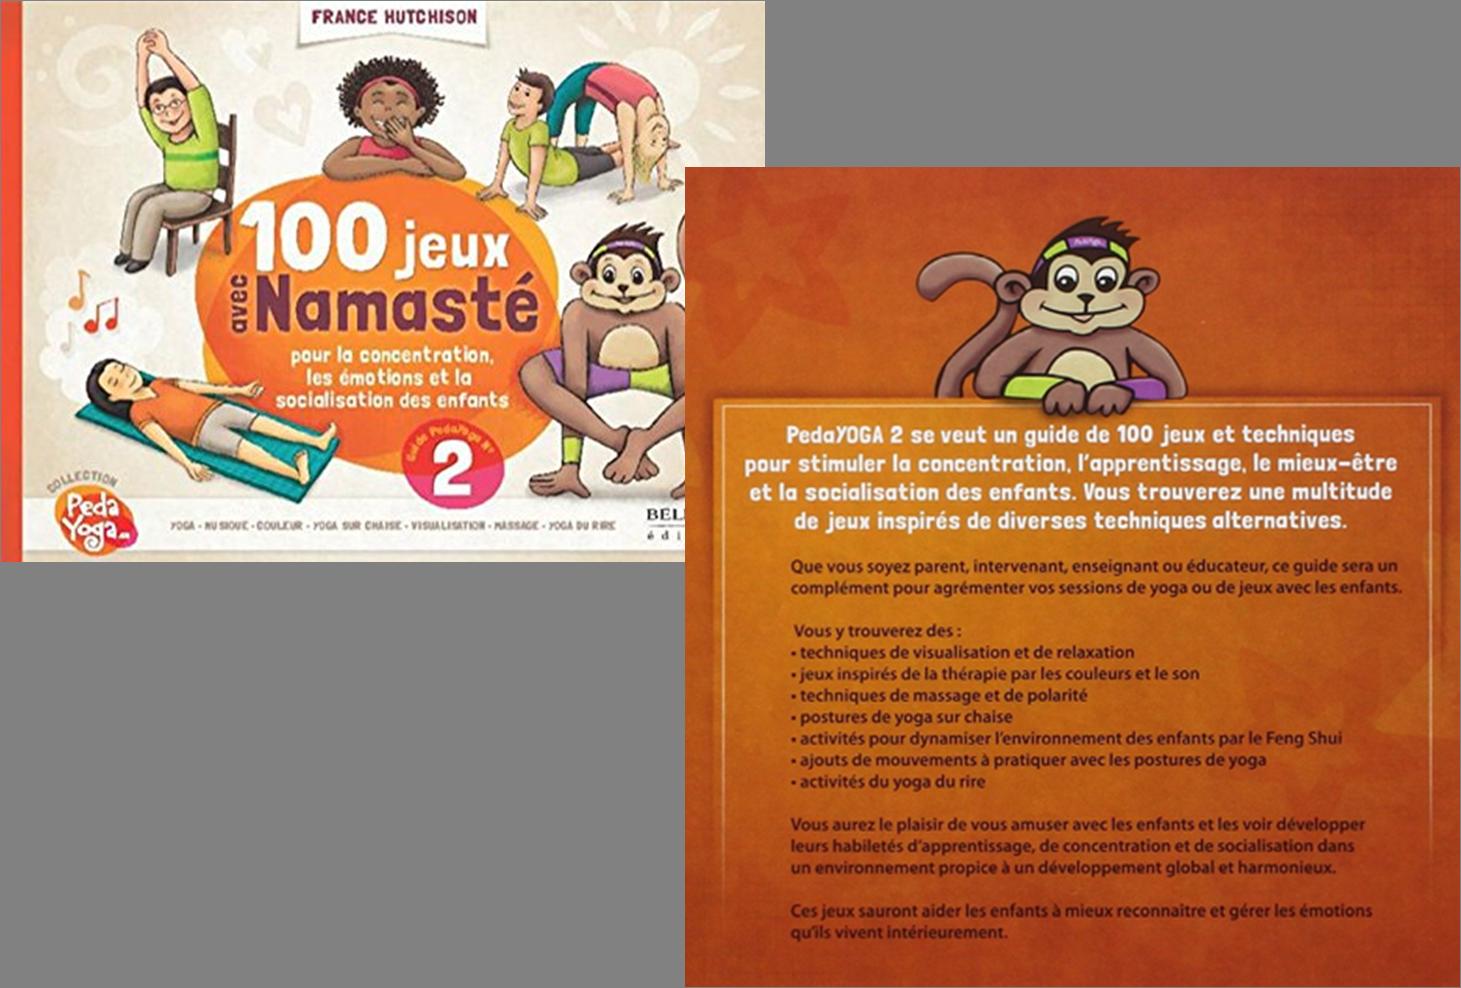 100 jeux avec namaste pour la concentration, les émotions et la  sociabilisation des enfants